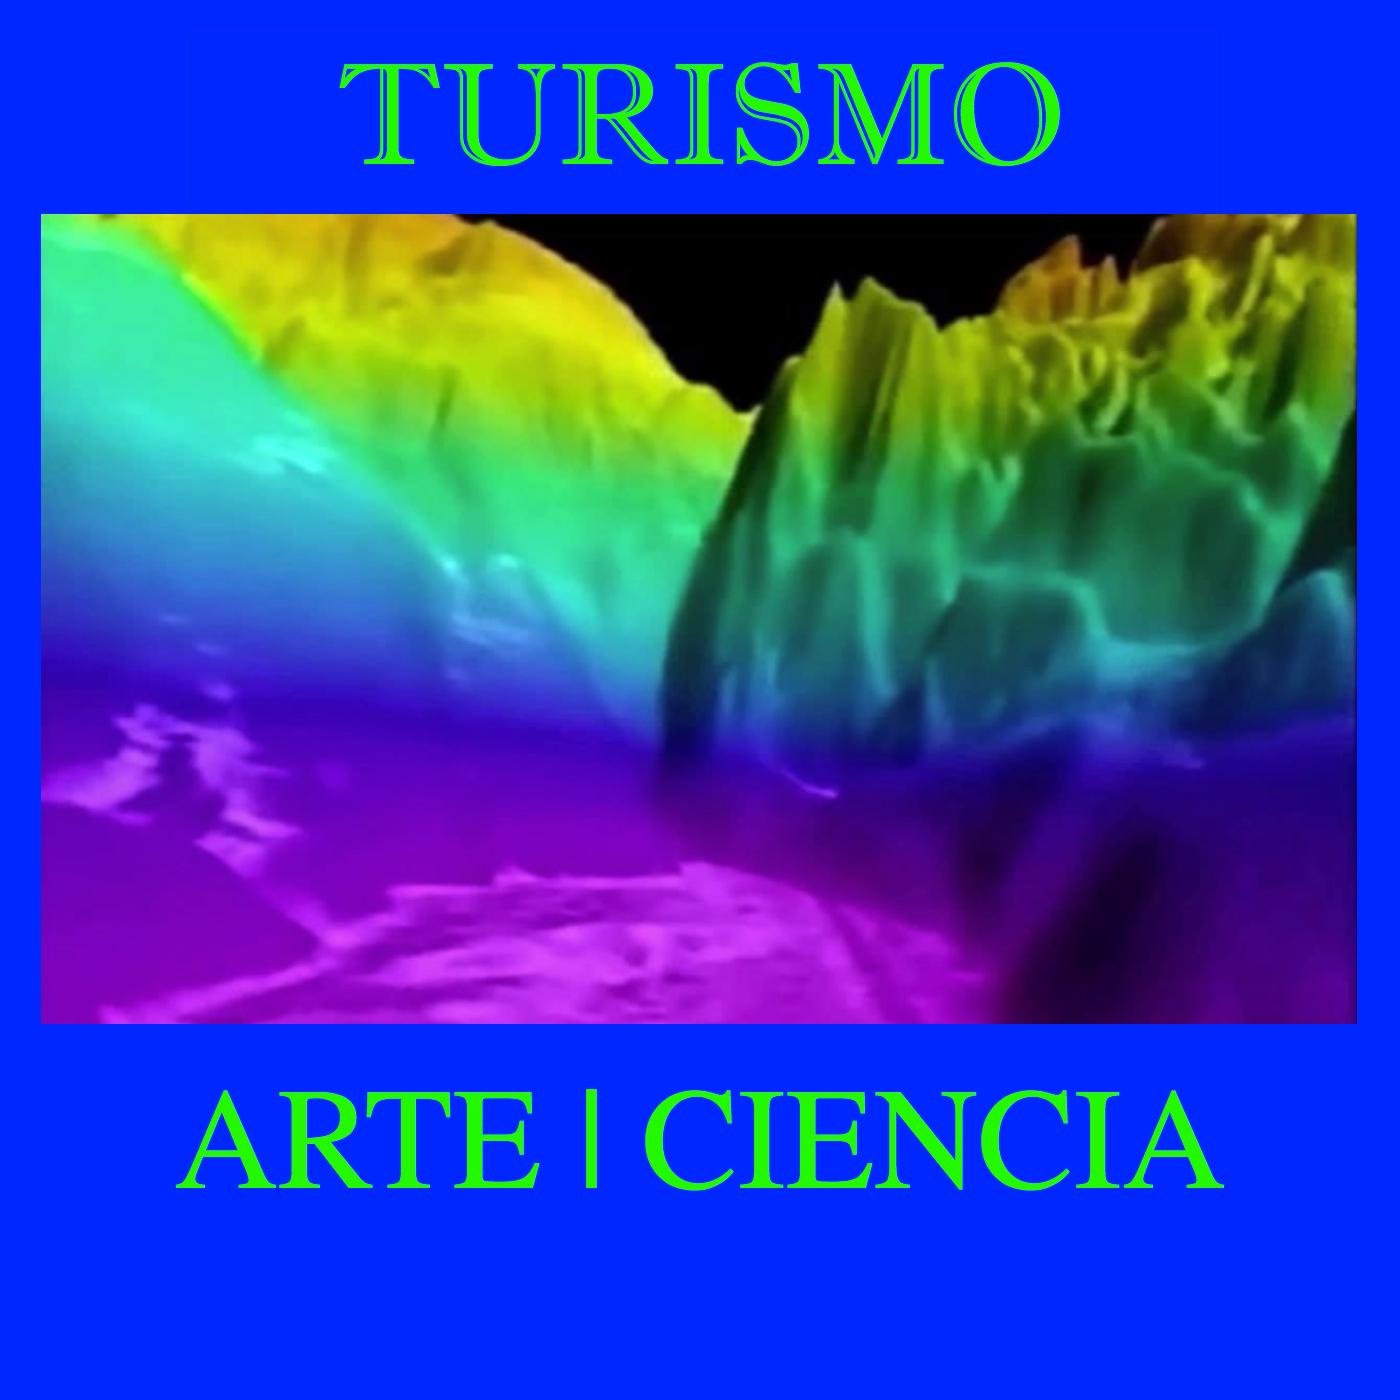 Turismo, Arte y Ciencia